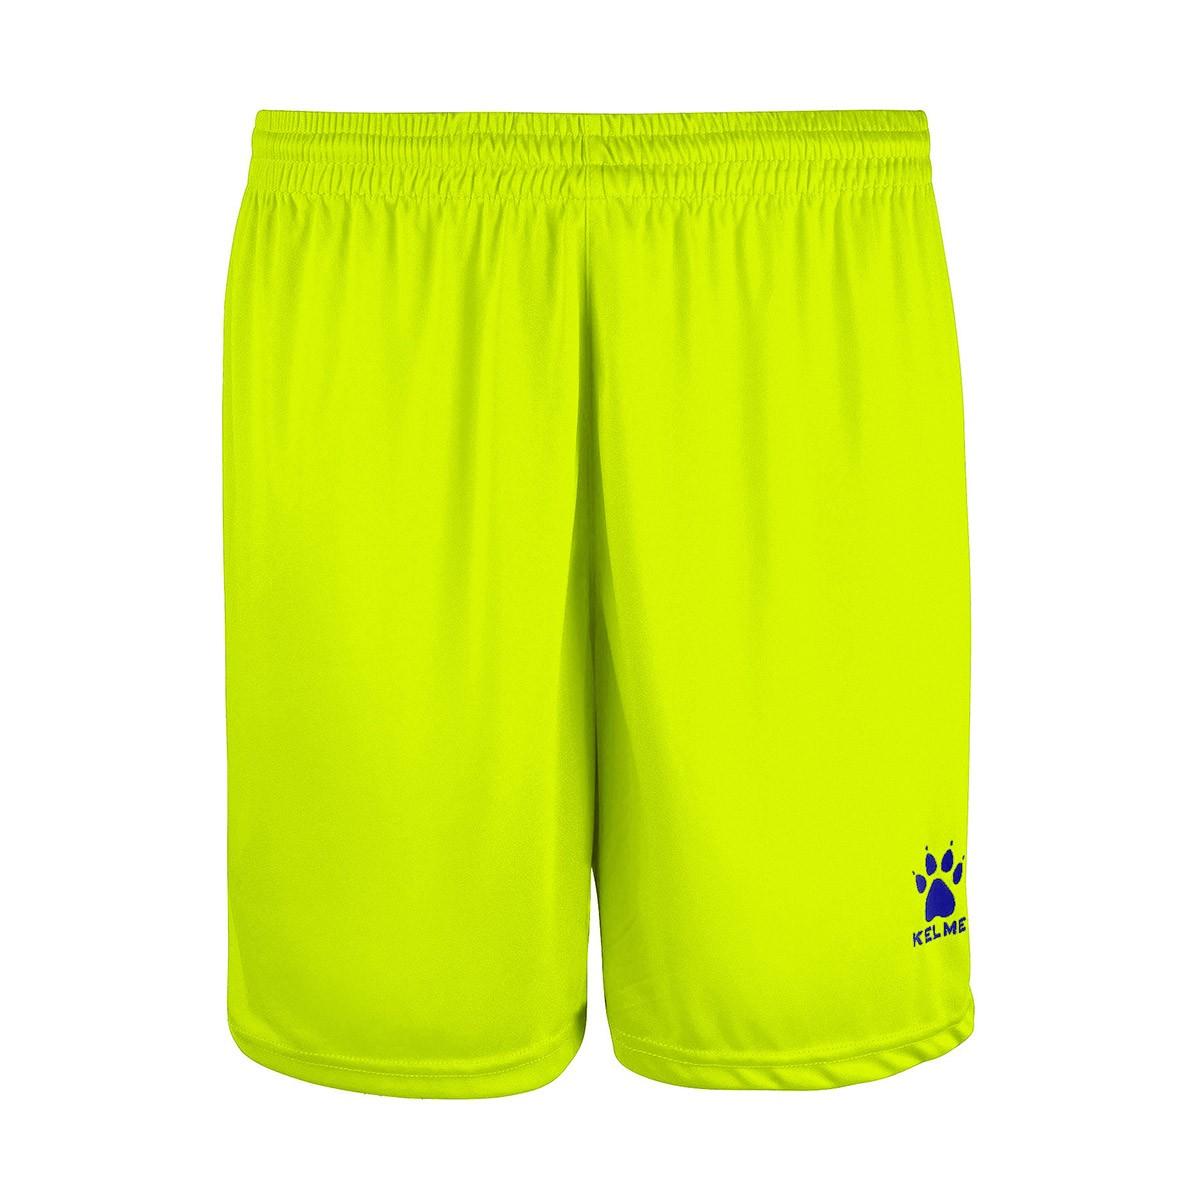 08a1e2923a Pantalón corto Kelme Global Amarillo flúor - Tienda de fútbol Fútbol Emotion